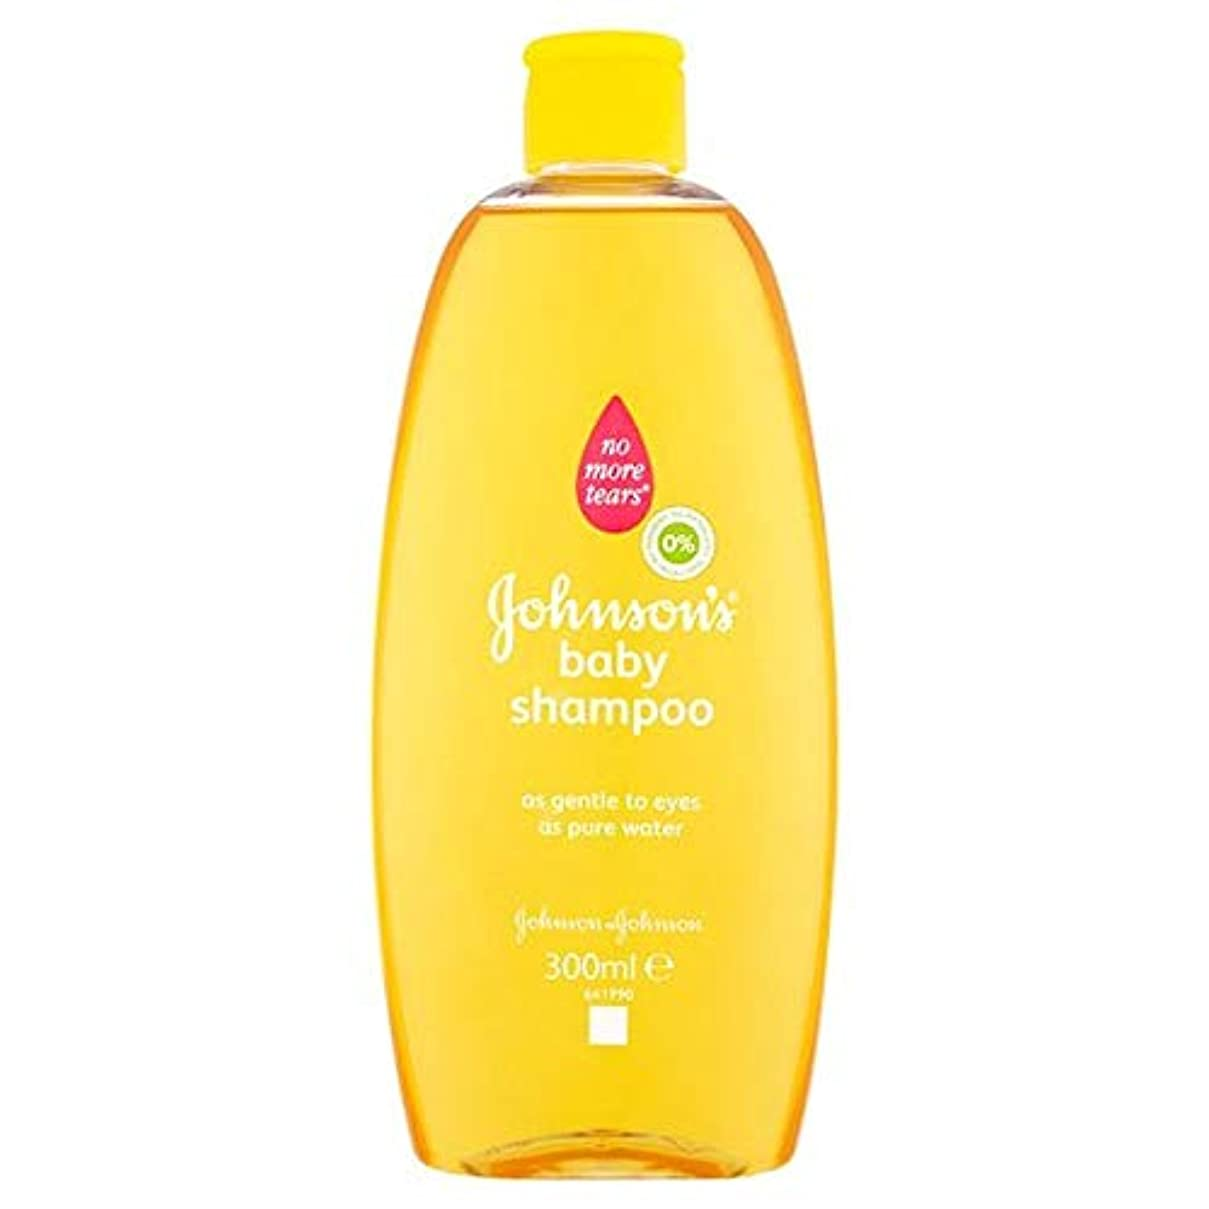 たらい罰メロドラマ[Johnson's] ジョンソンのベビー金シャンプー300ミリリットル - Johnson's Baby Gold Shampoo 300Ml [並行輸入品]